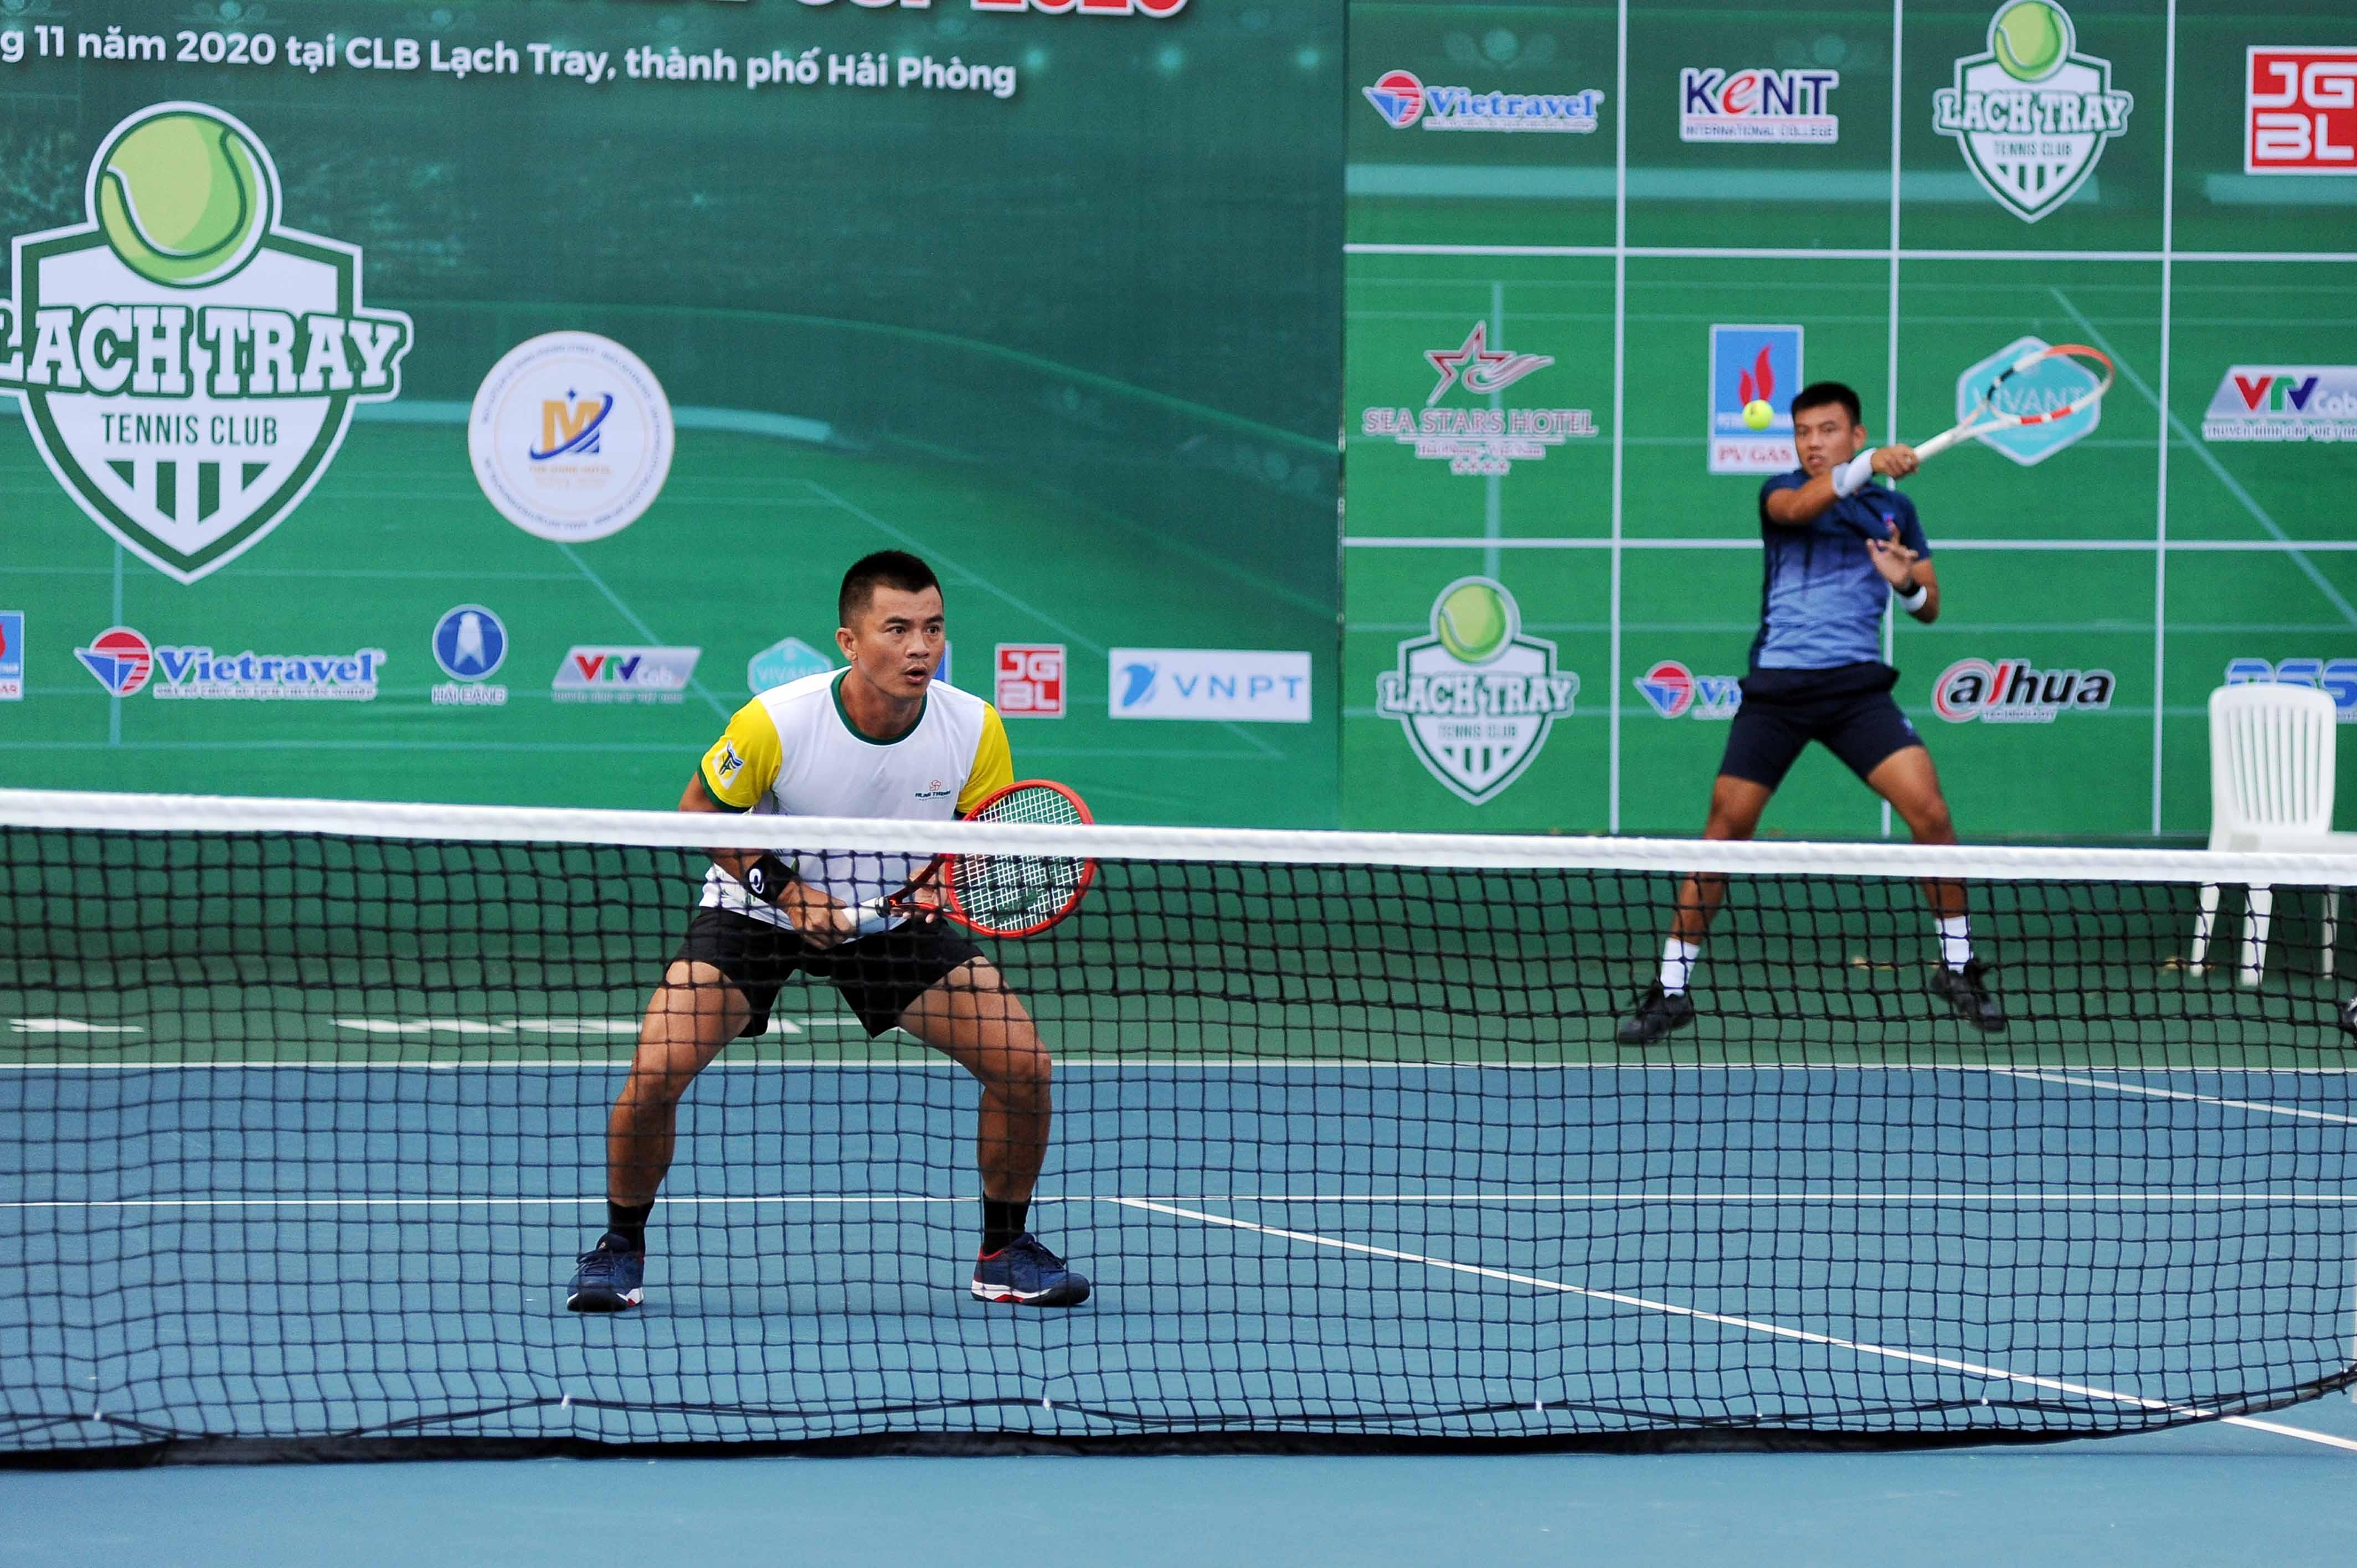 Hình ảnh: VTF Masters 500 – 2 – Lach Tray Cup 2020: Vua đánh đôi tăng sức mạnh cùng tay vợt số 1 Việt Nam số 1